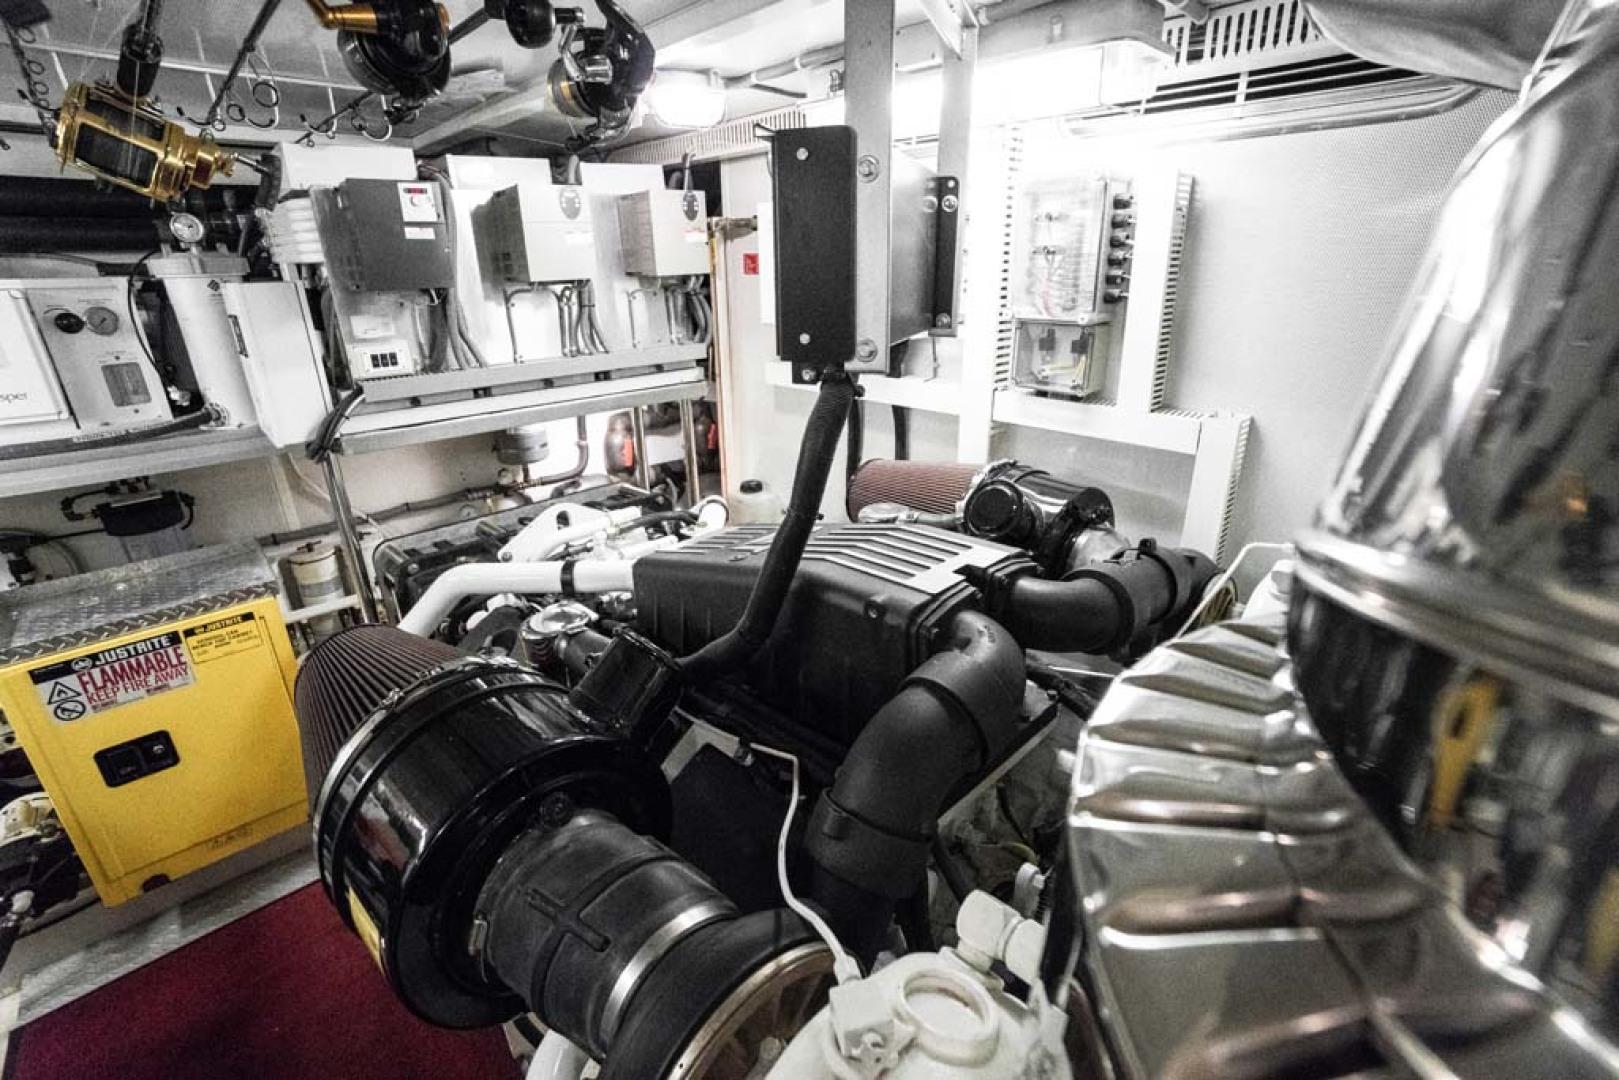 Horizon-Cockpit-Motor-Yacht-2008-Liberation-Stuart-Florida-United-States-Engine-Room-1075377